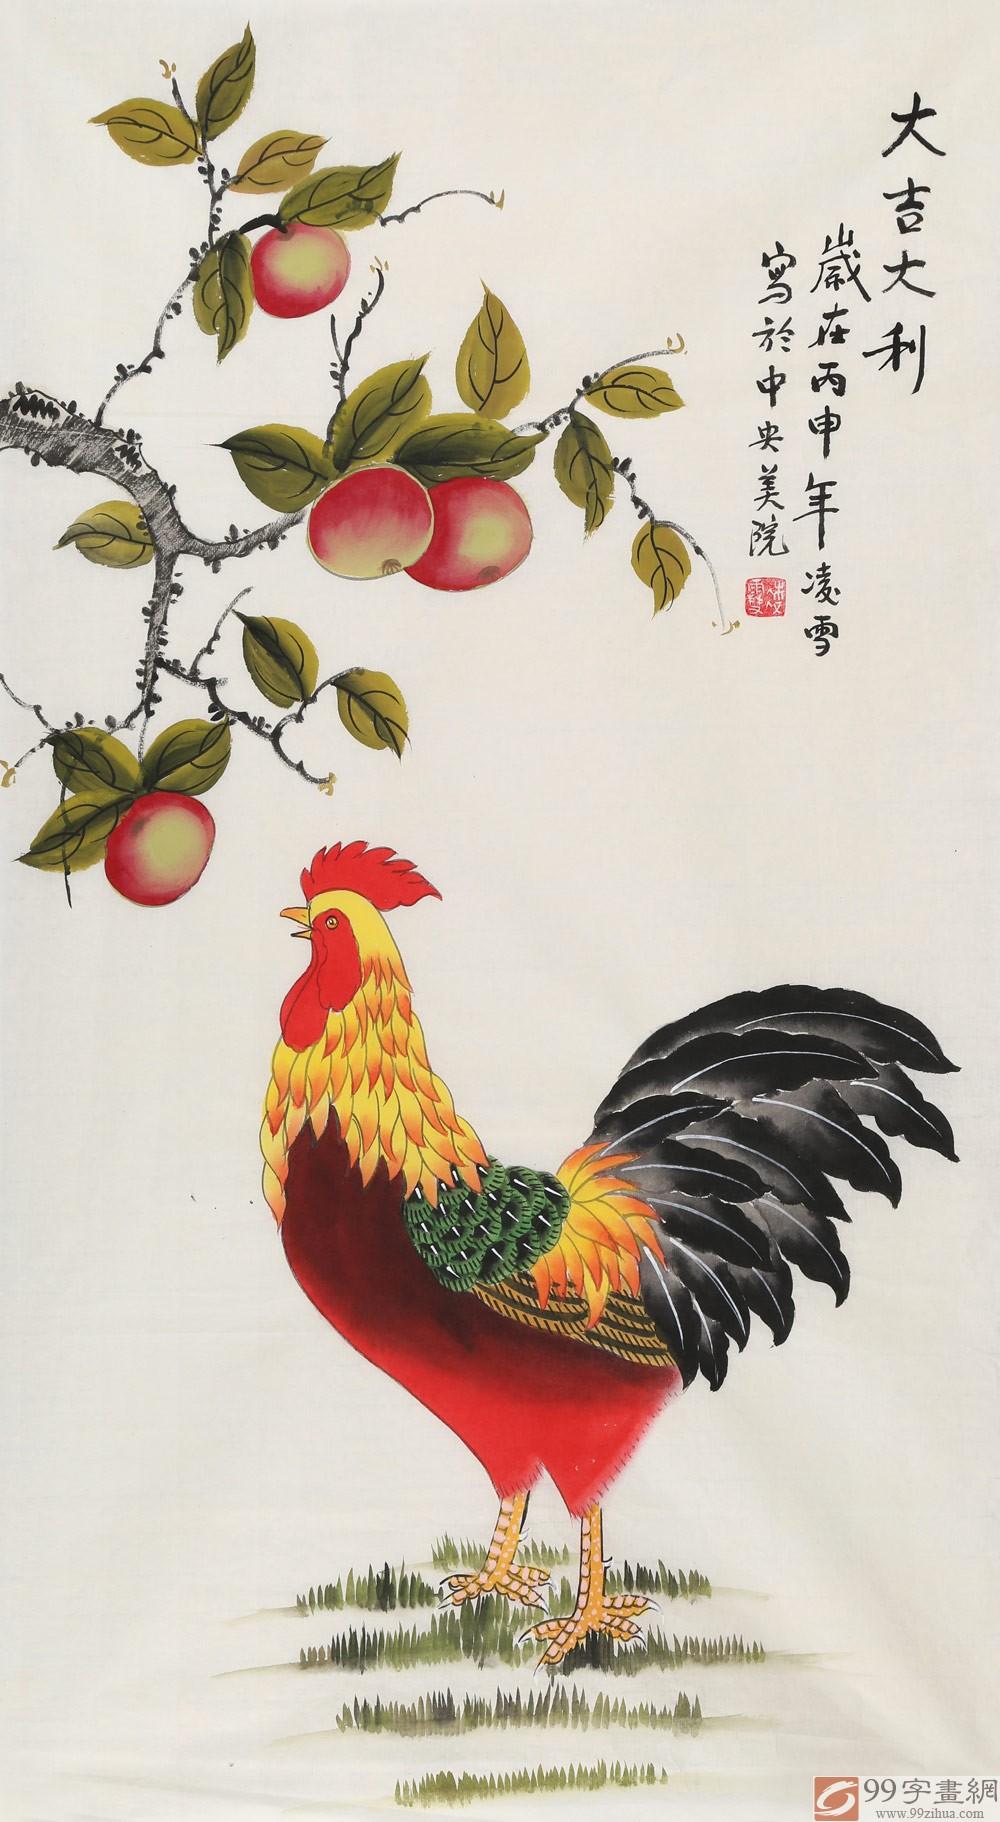 大写意竹子_国画工笔画欣赏:名人笔下画公鸡_北京后海玩家_新浪博客